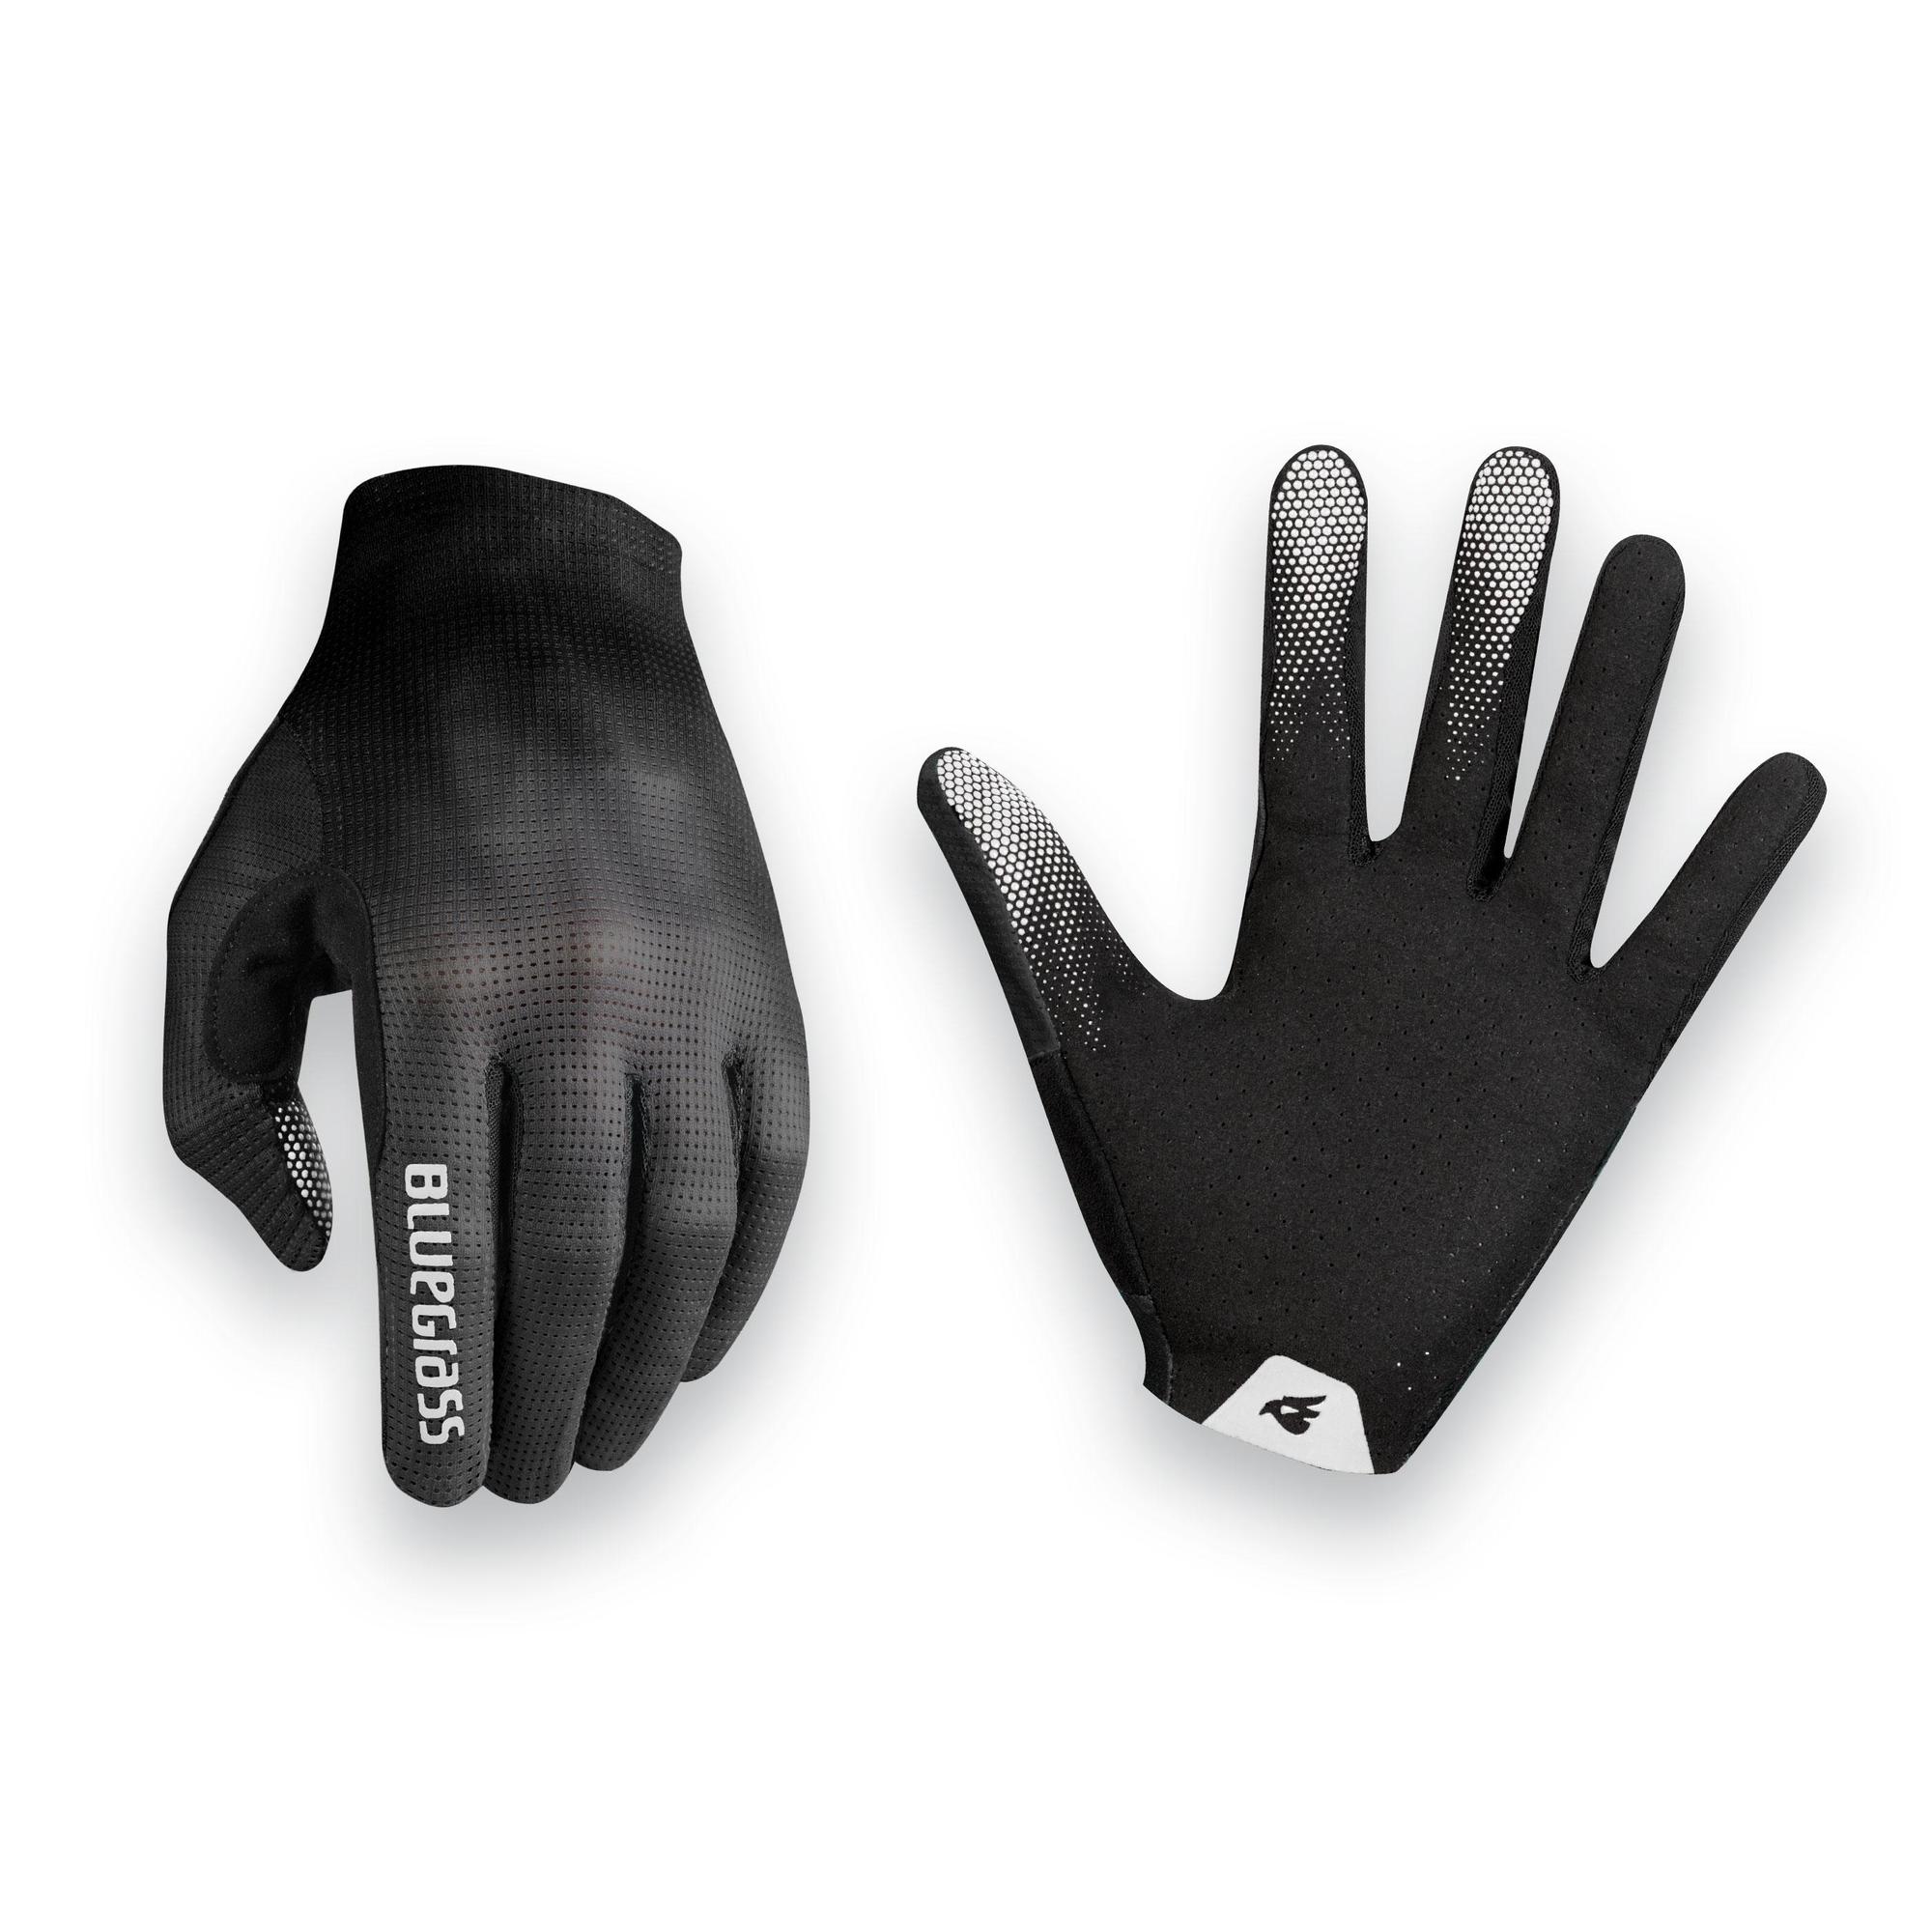 Bluegrass Vapor Lite Handschuhe Black